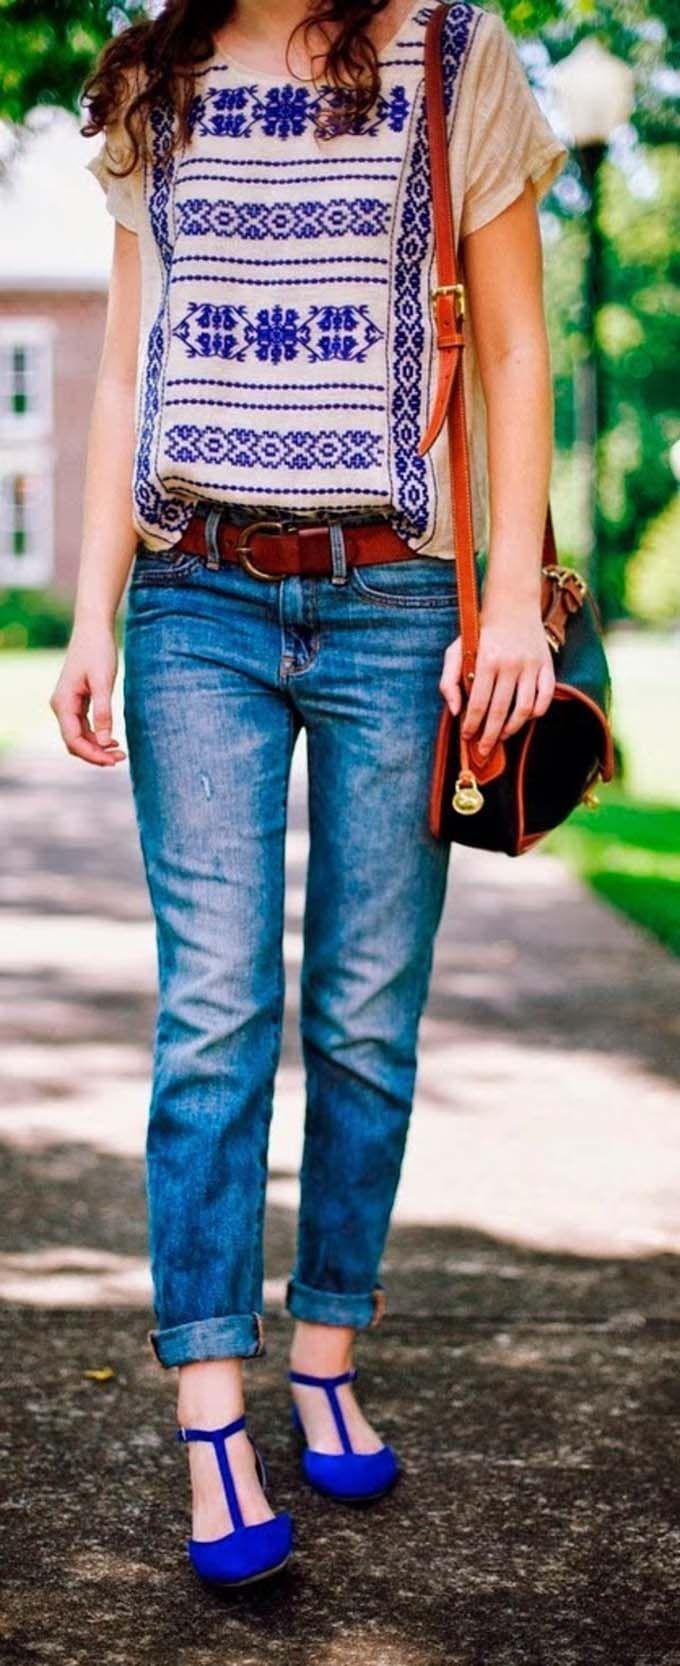 cool Эффектные и модные синие туфли (50 фото) — С чем носить в 2017? Читай больше http://avrorra.com/sinie-tufli-foto/